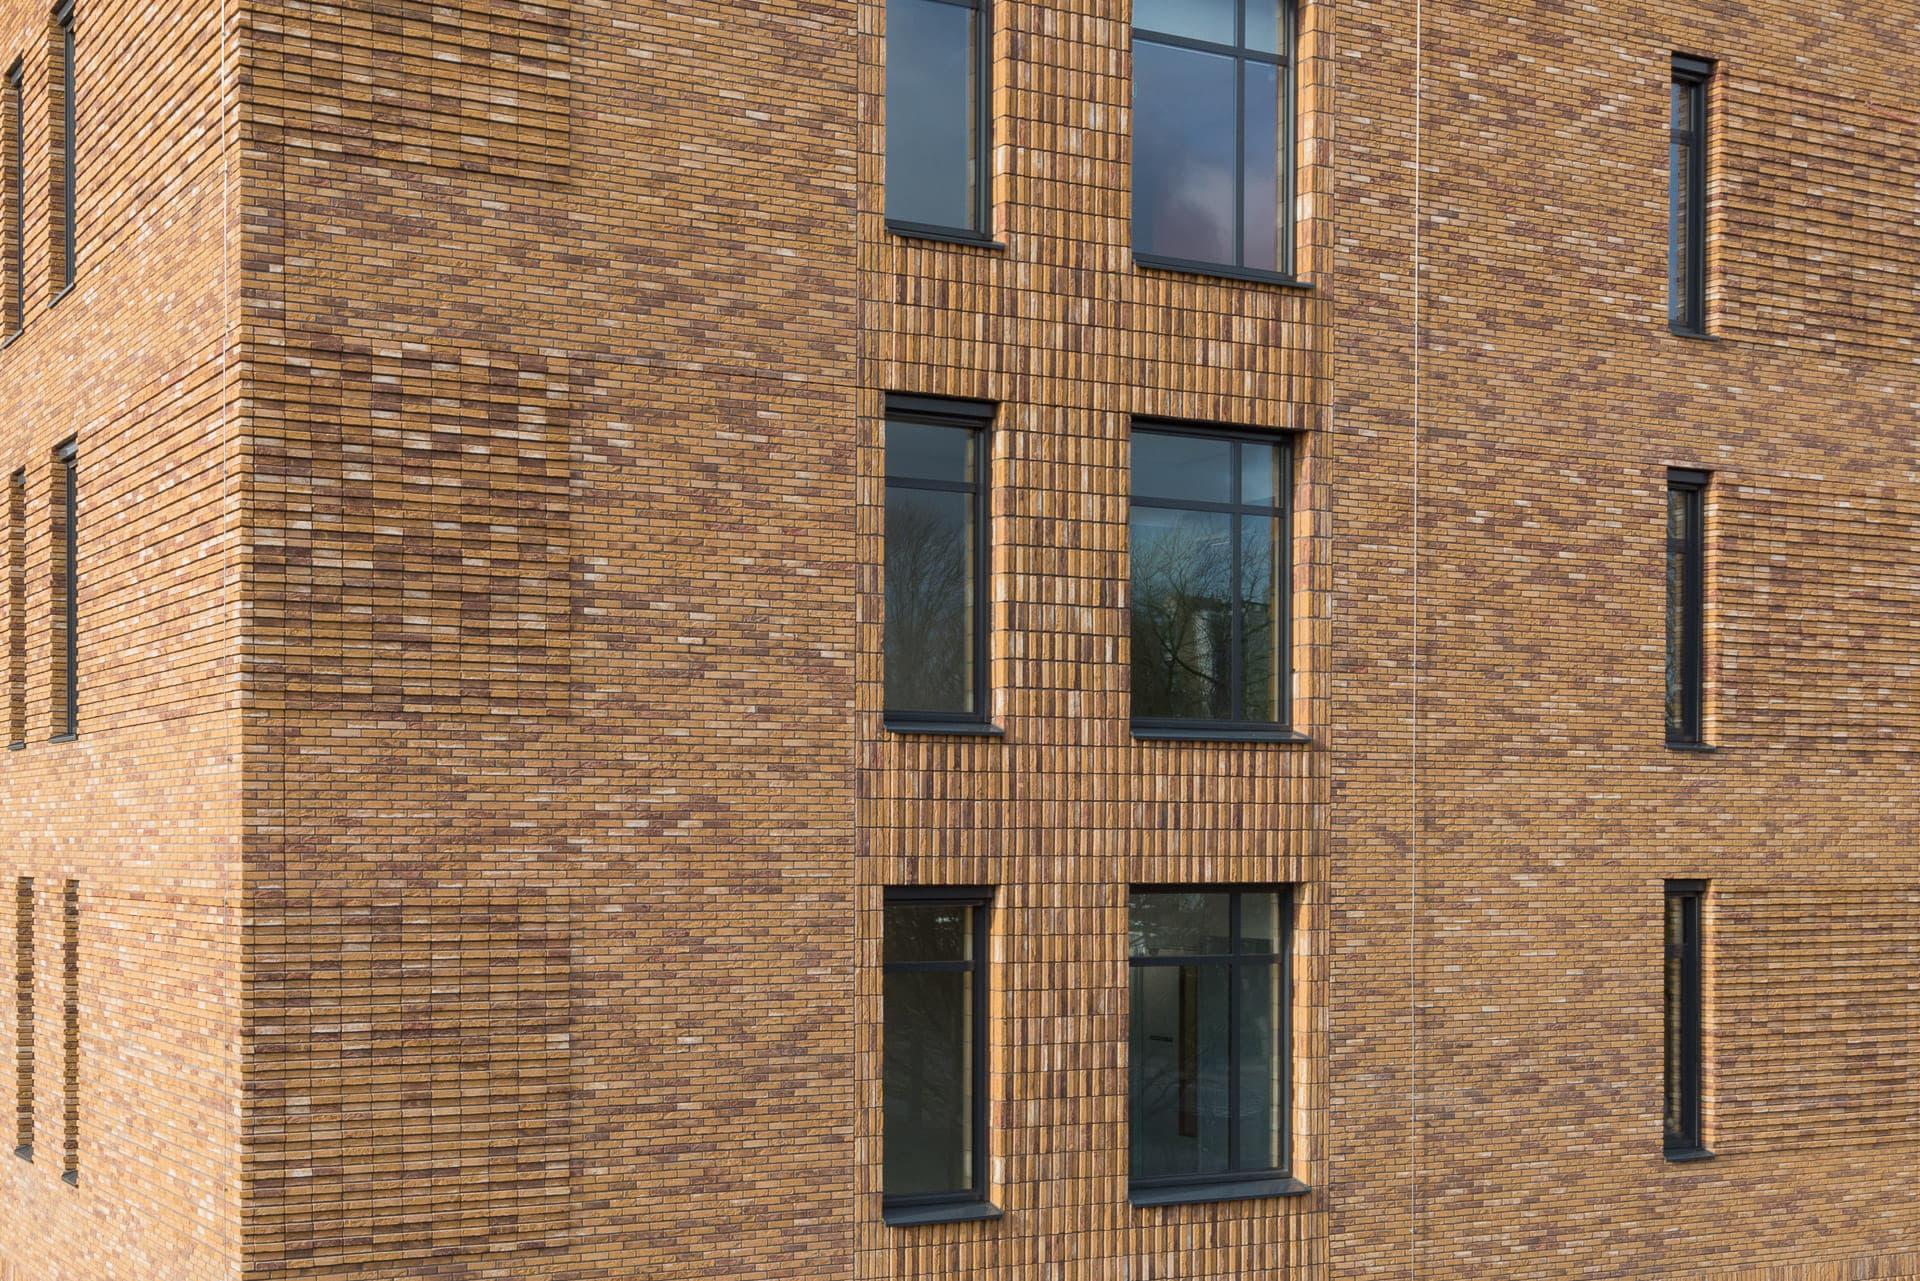 Verschillende type metselwerk op een gele gevel met zwarte ramen